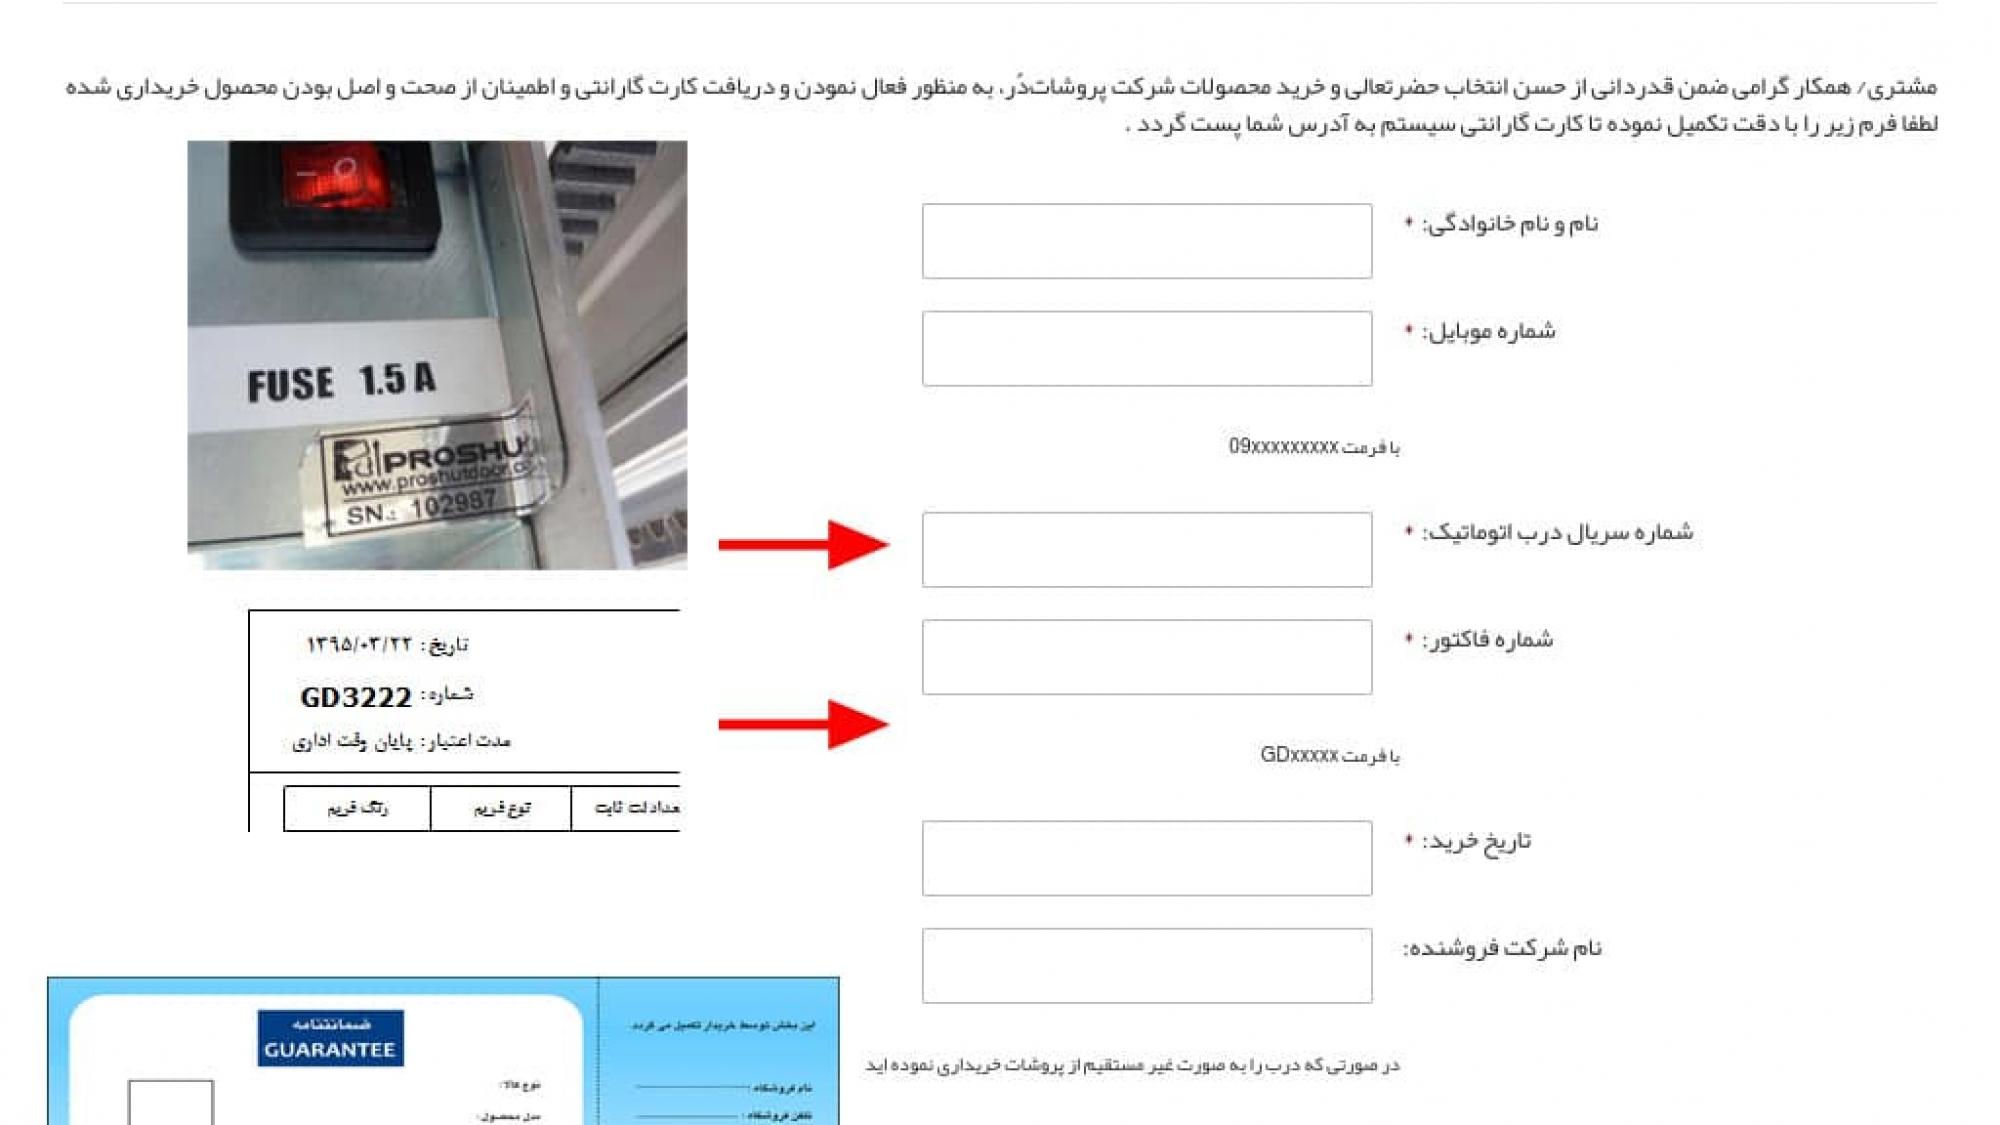 ثبت سریال درب اتوماتیک